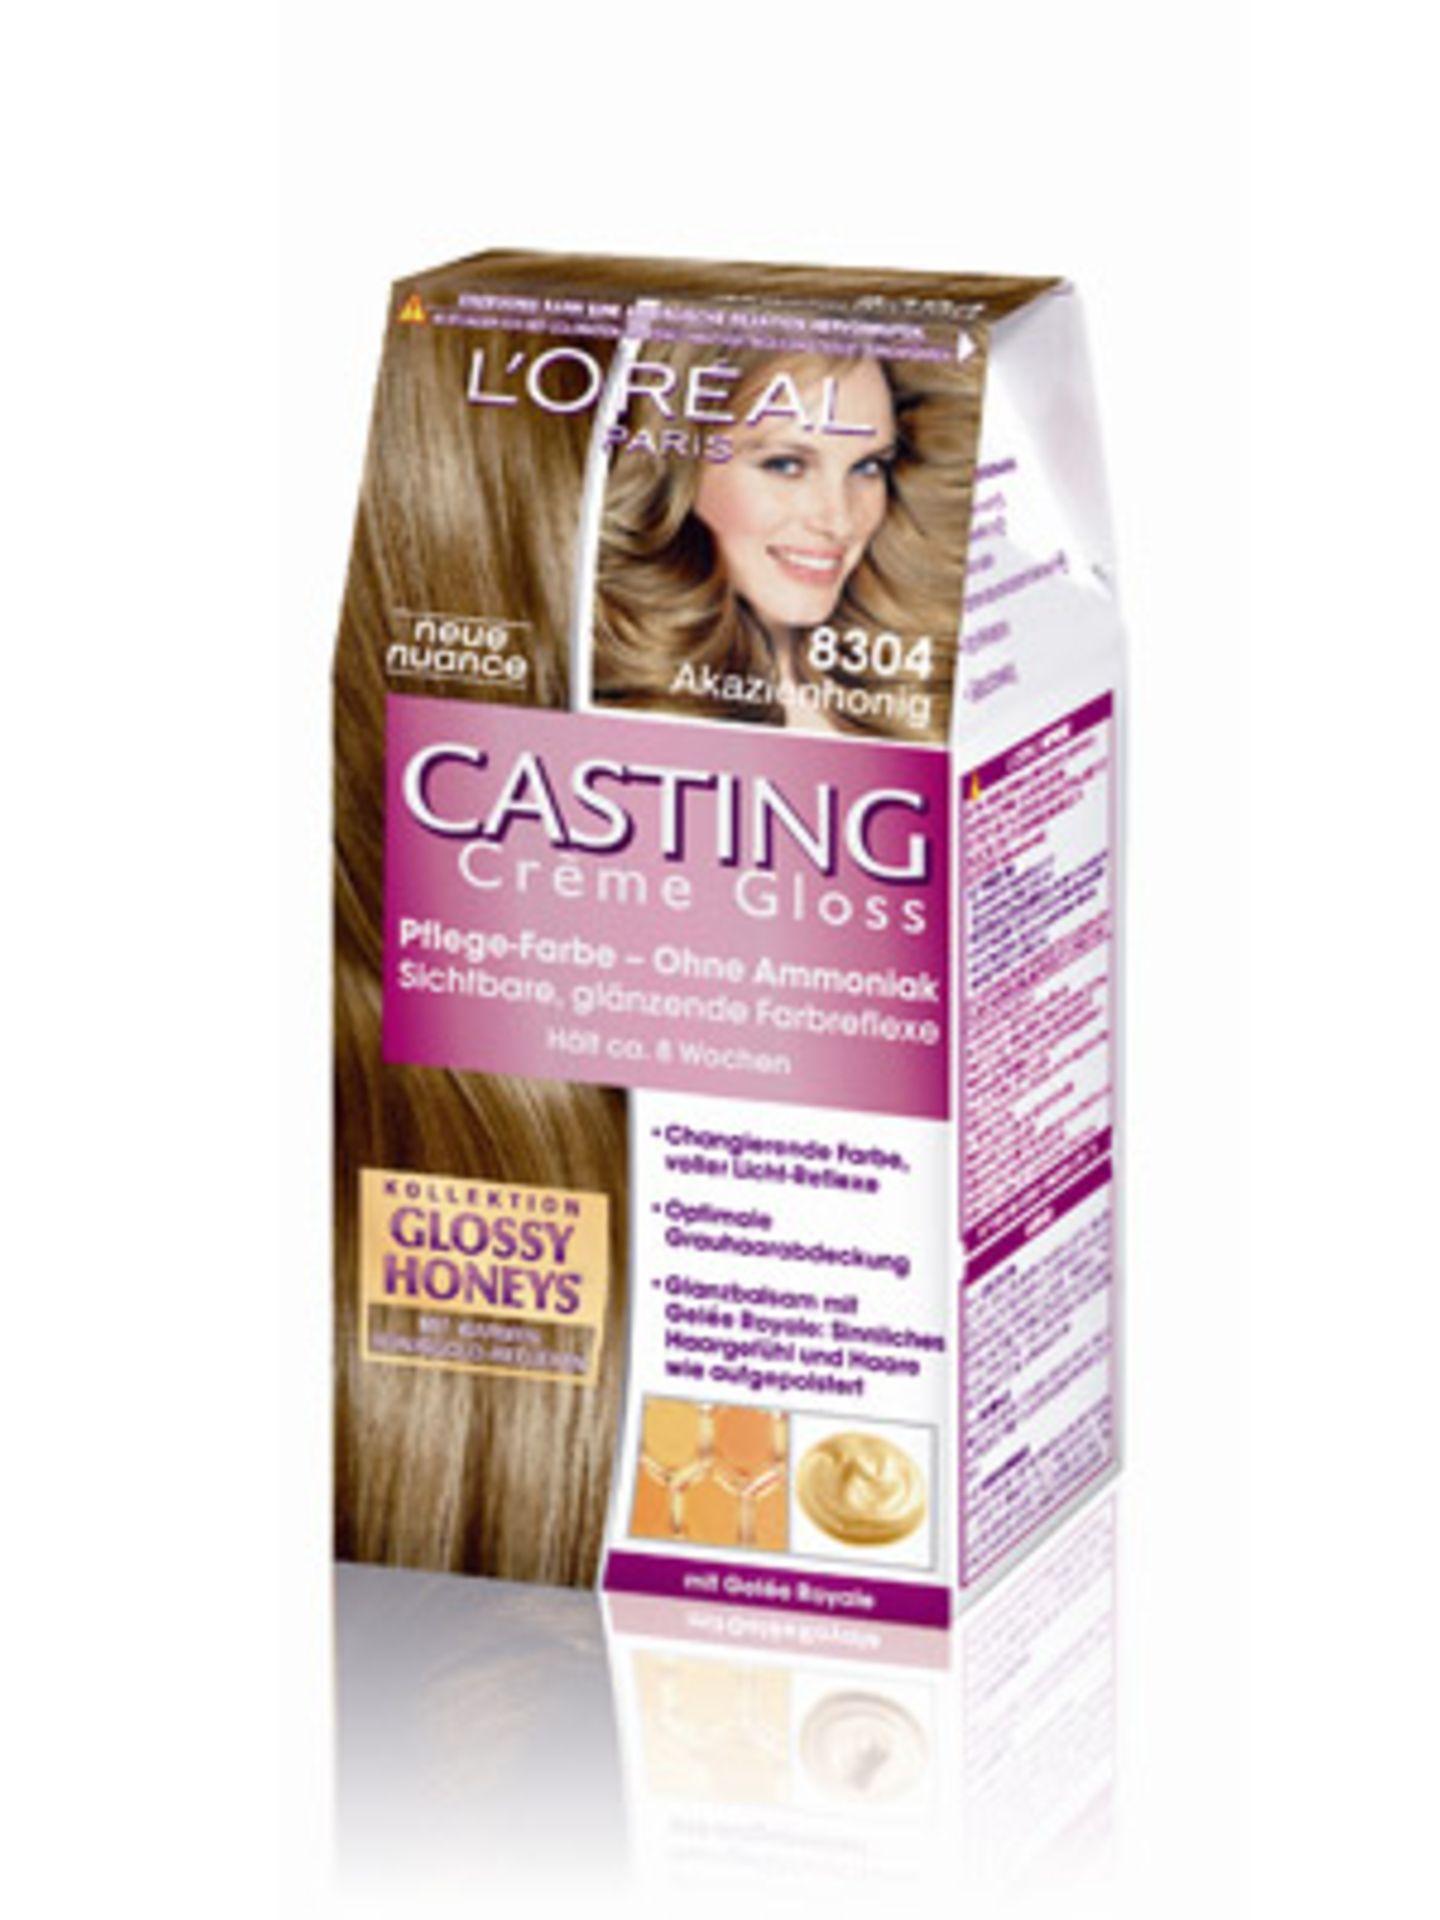 Das Casting Crème Gloss von L'Oréal kommt ganz ohne Ammoniak aus und verleiht dem Haar warme Gold-Reflexe. Um 8 Euro.